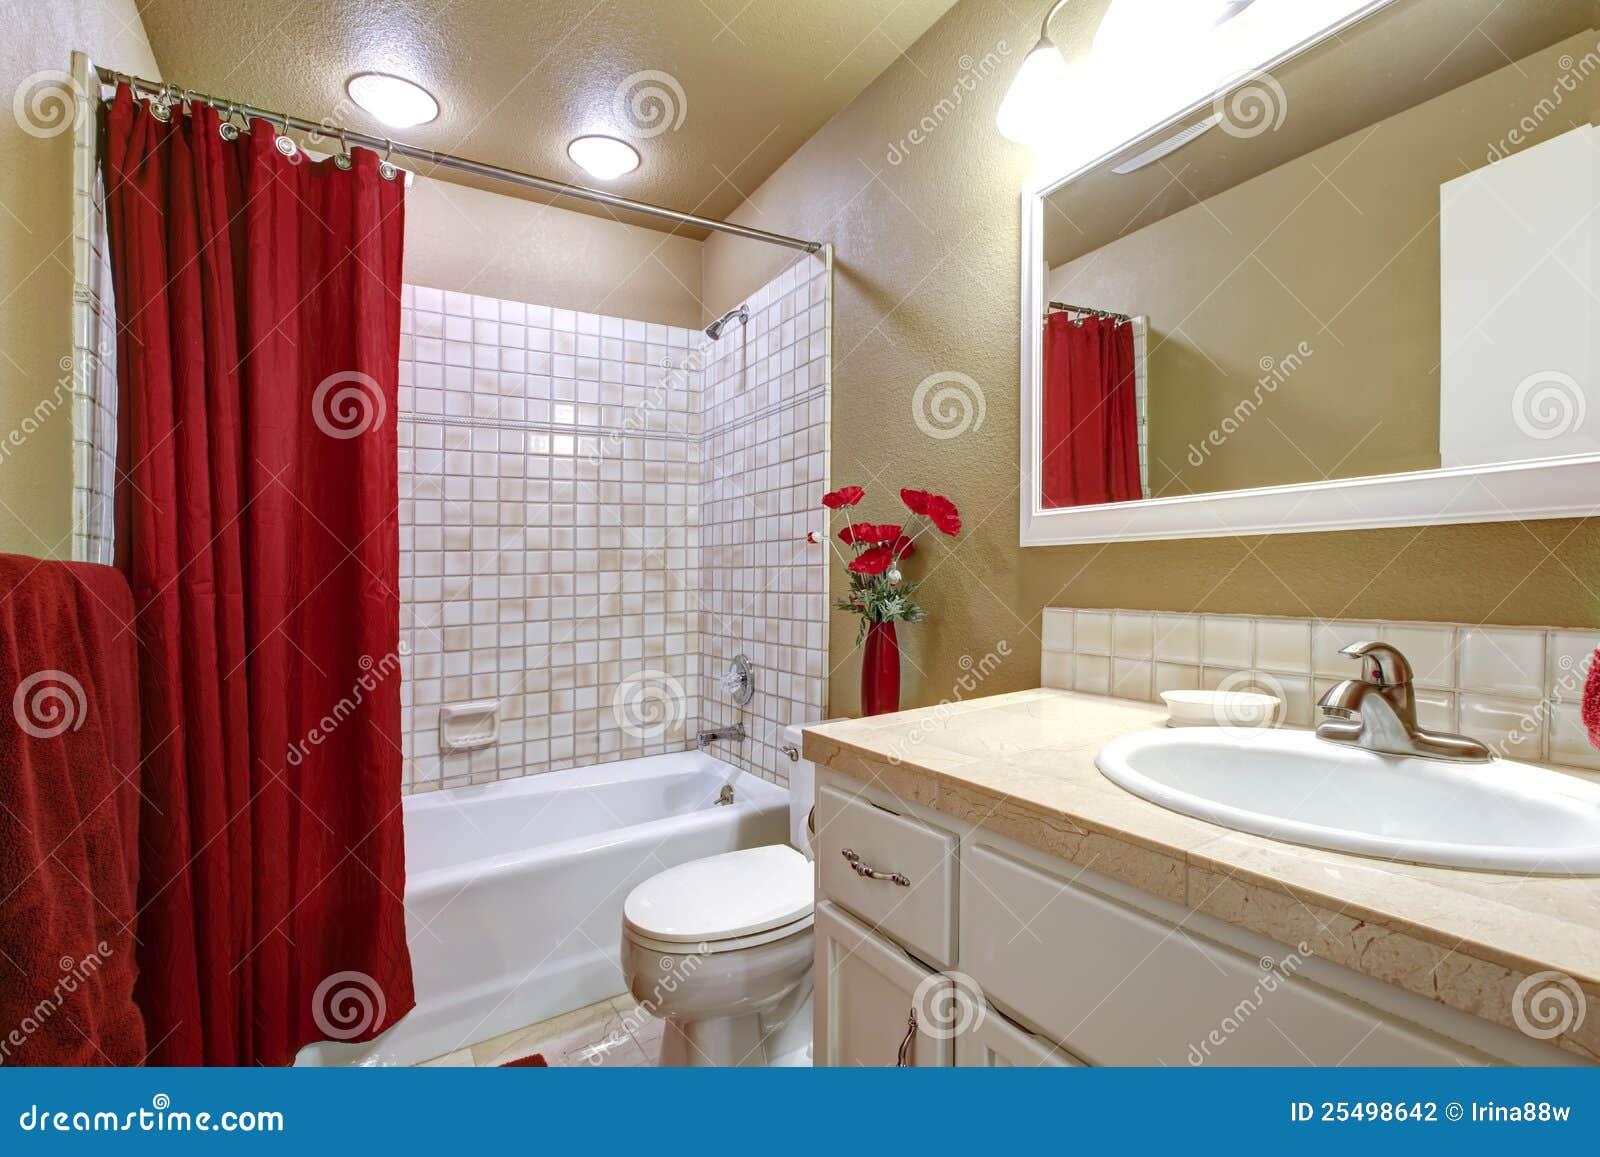 Banheiro Bege E Vermelho Elegante Com Cuba E Dissipador. Fotografia de  #430808 1300x957 Banheiro Branco Bege